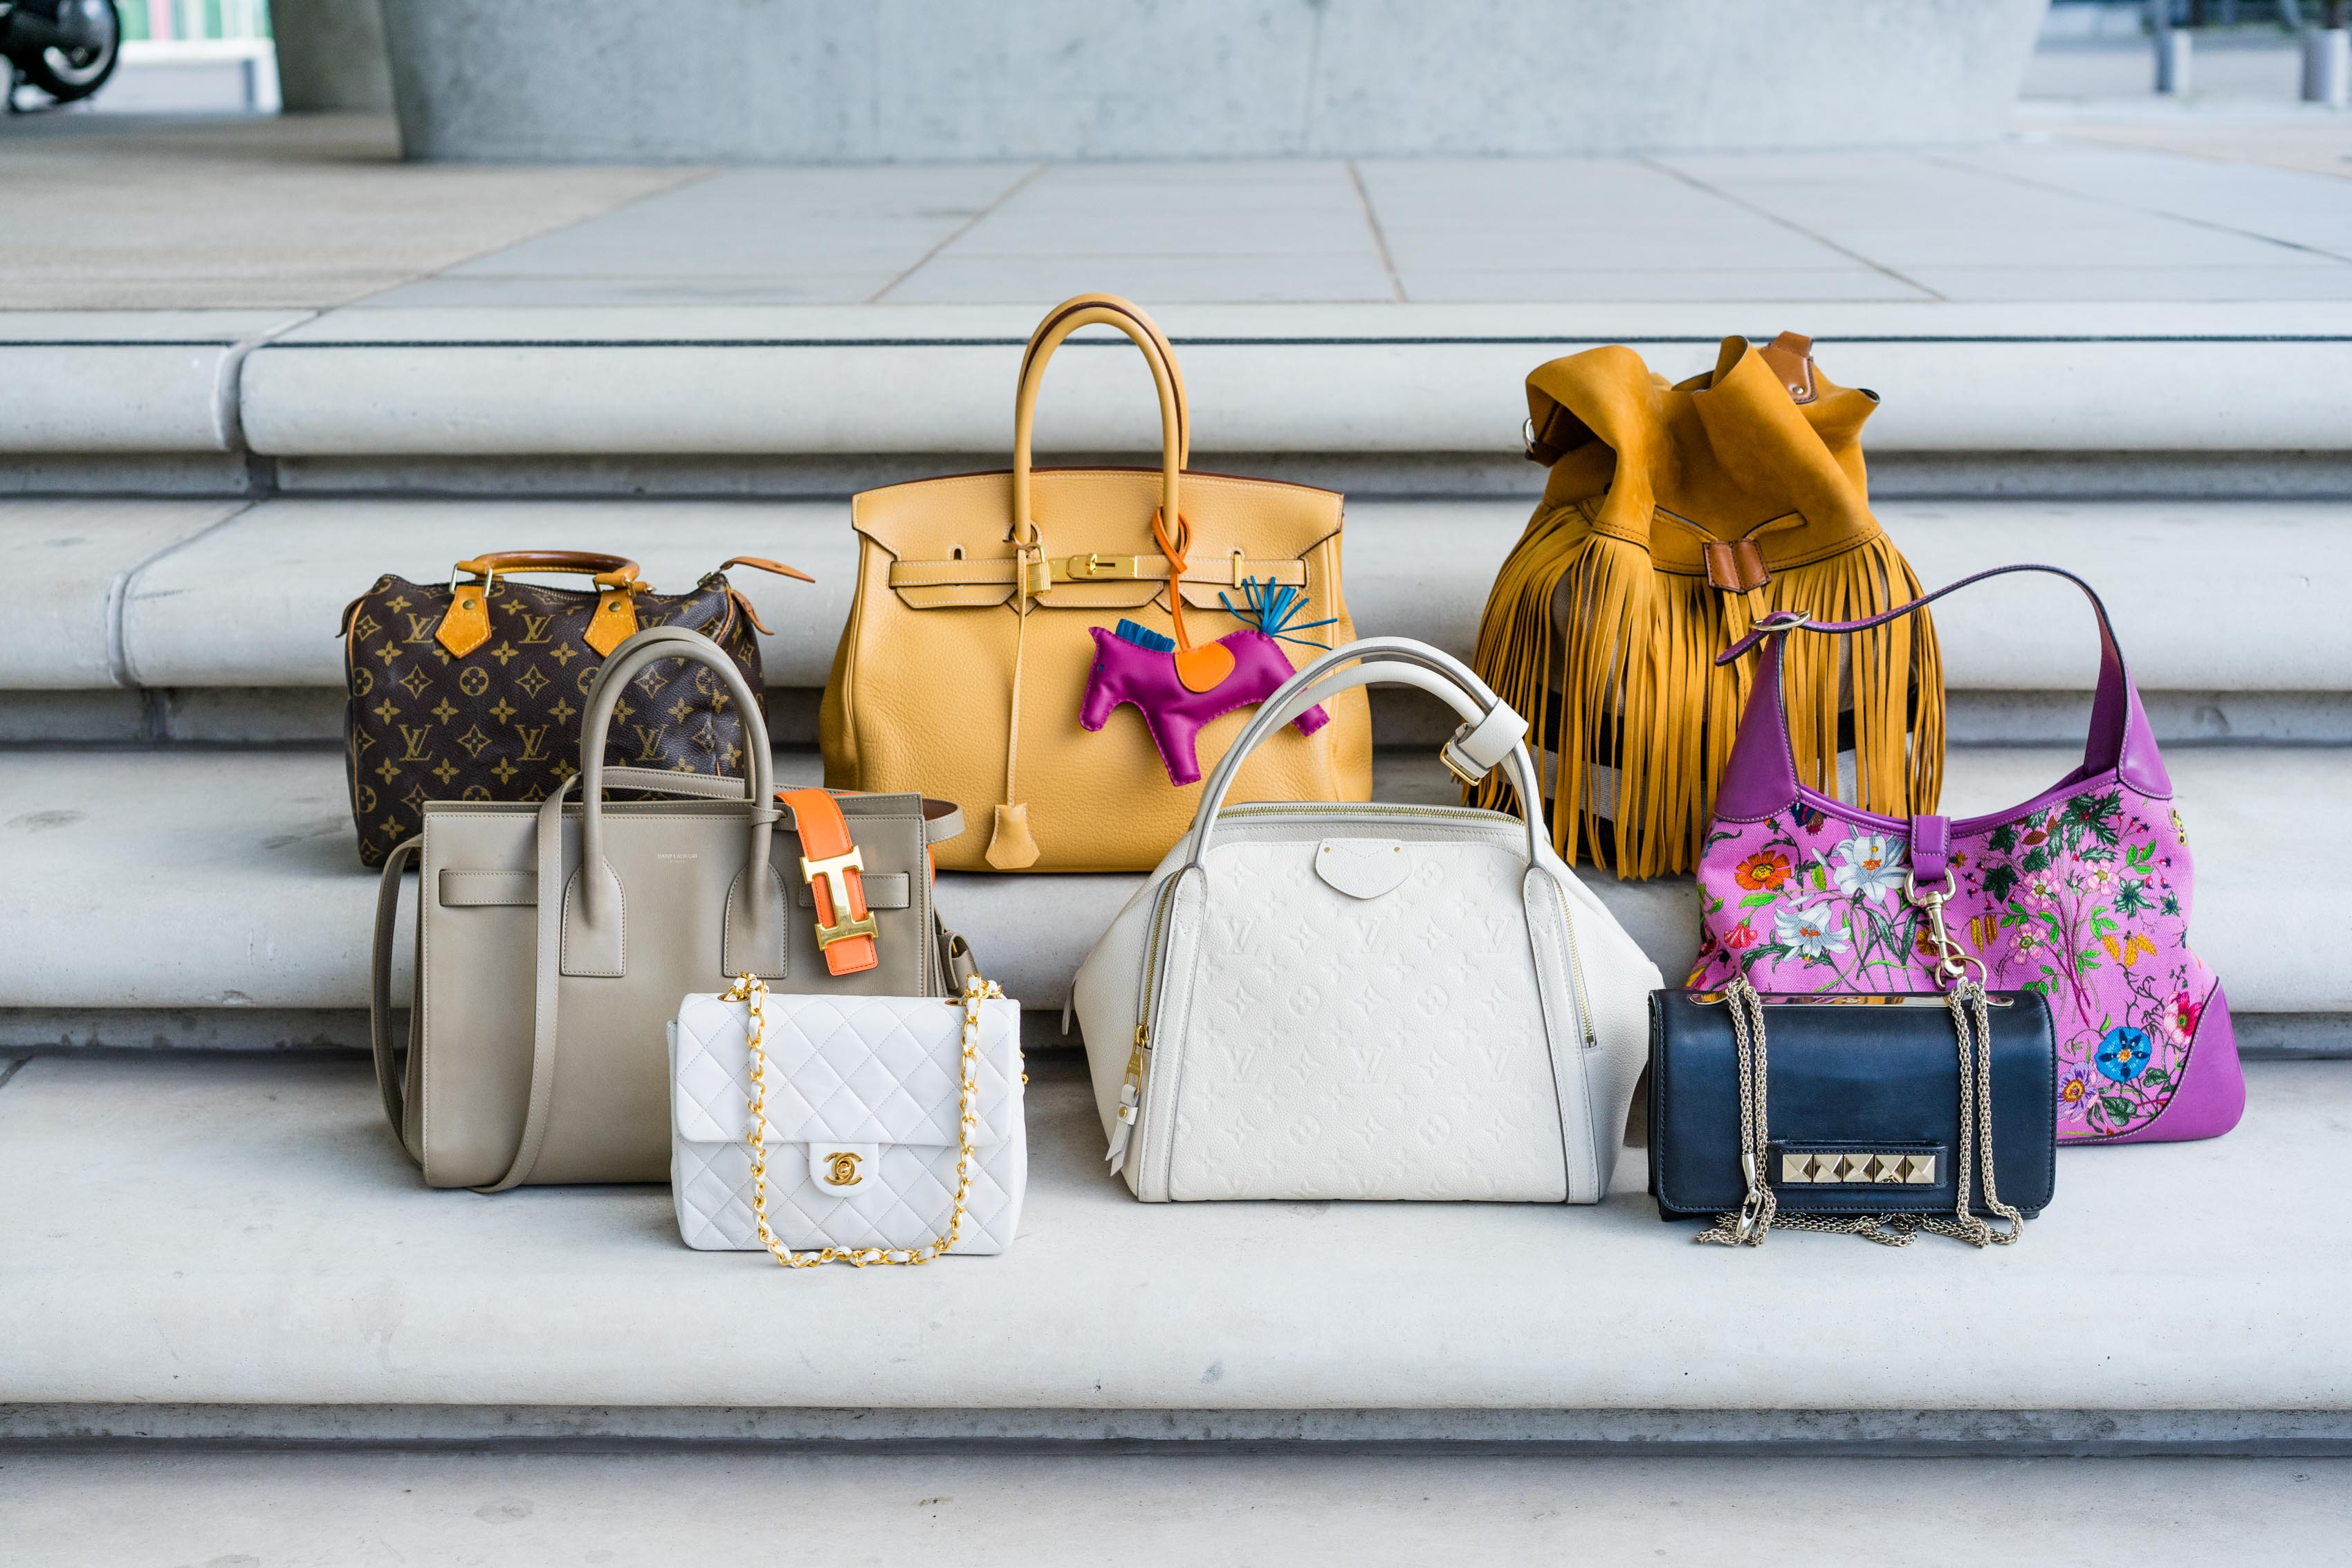 luxussachen-com-02228-25a203aa8af3a5